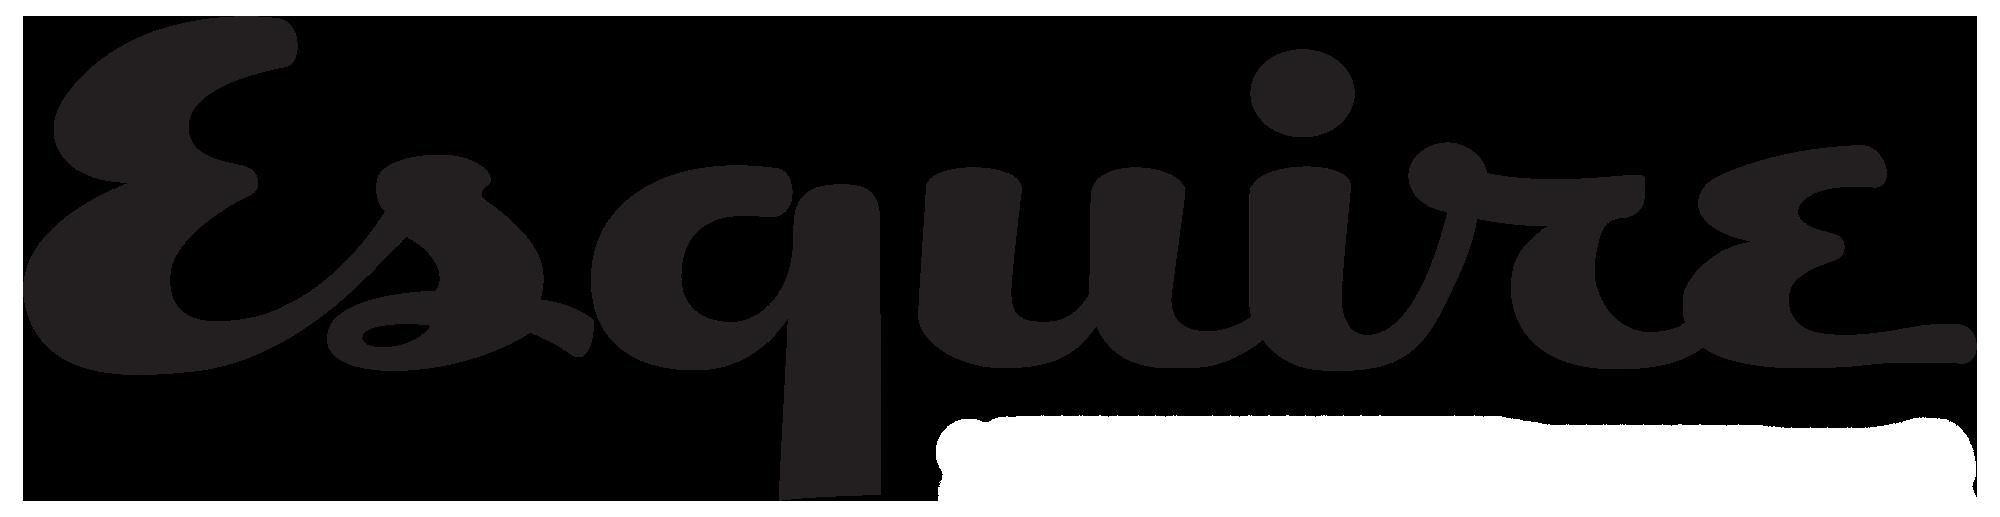 Esquire Magazine logo